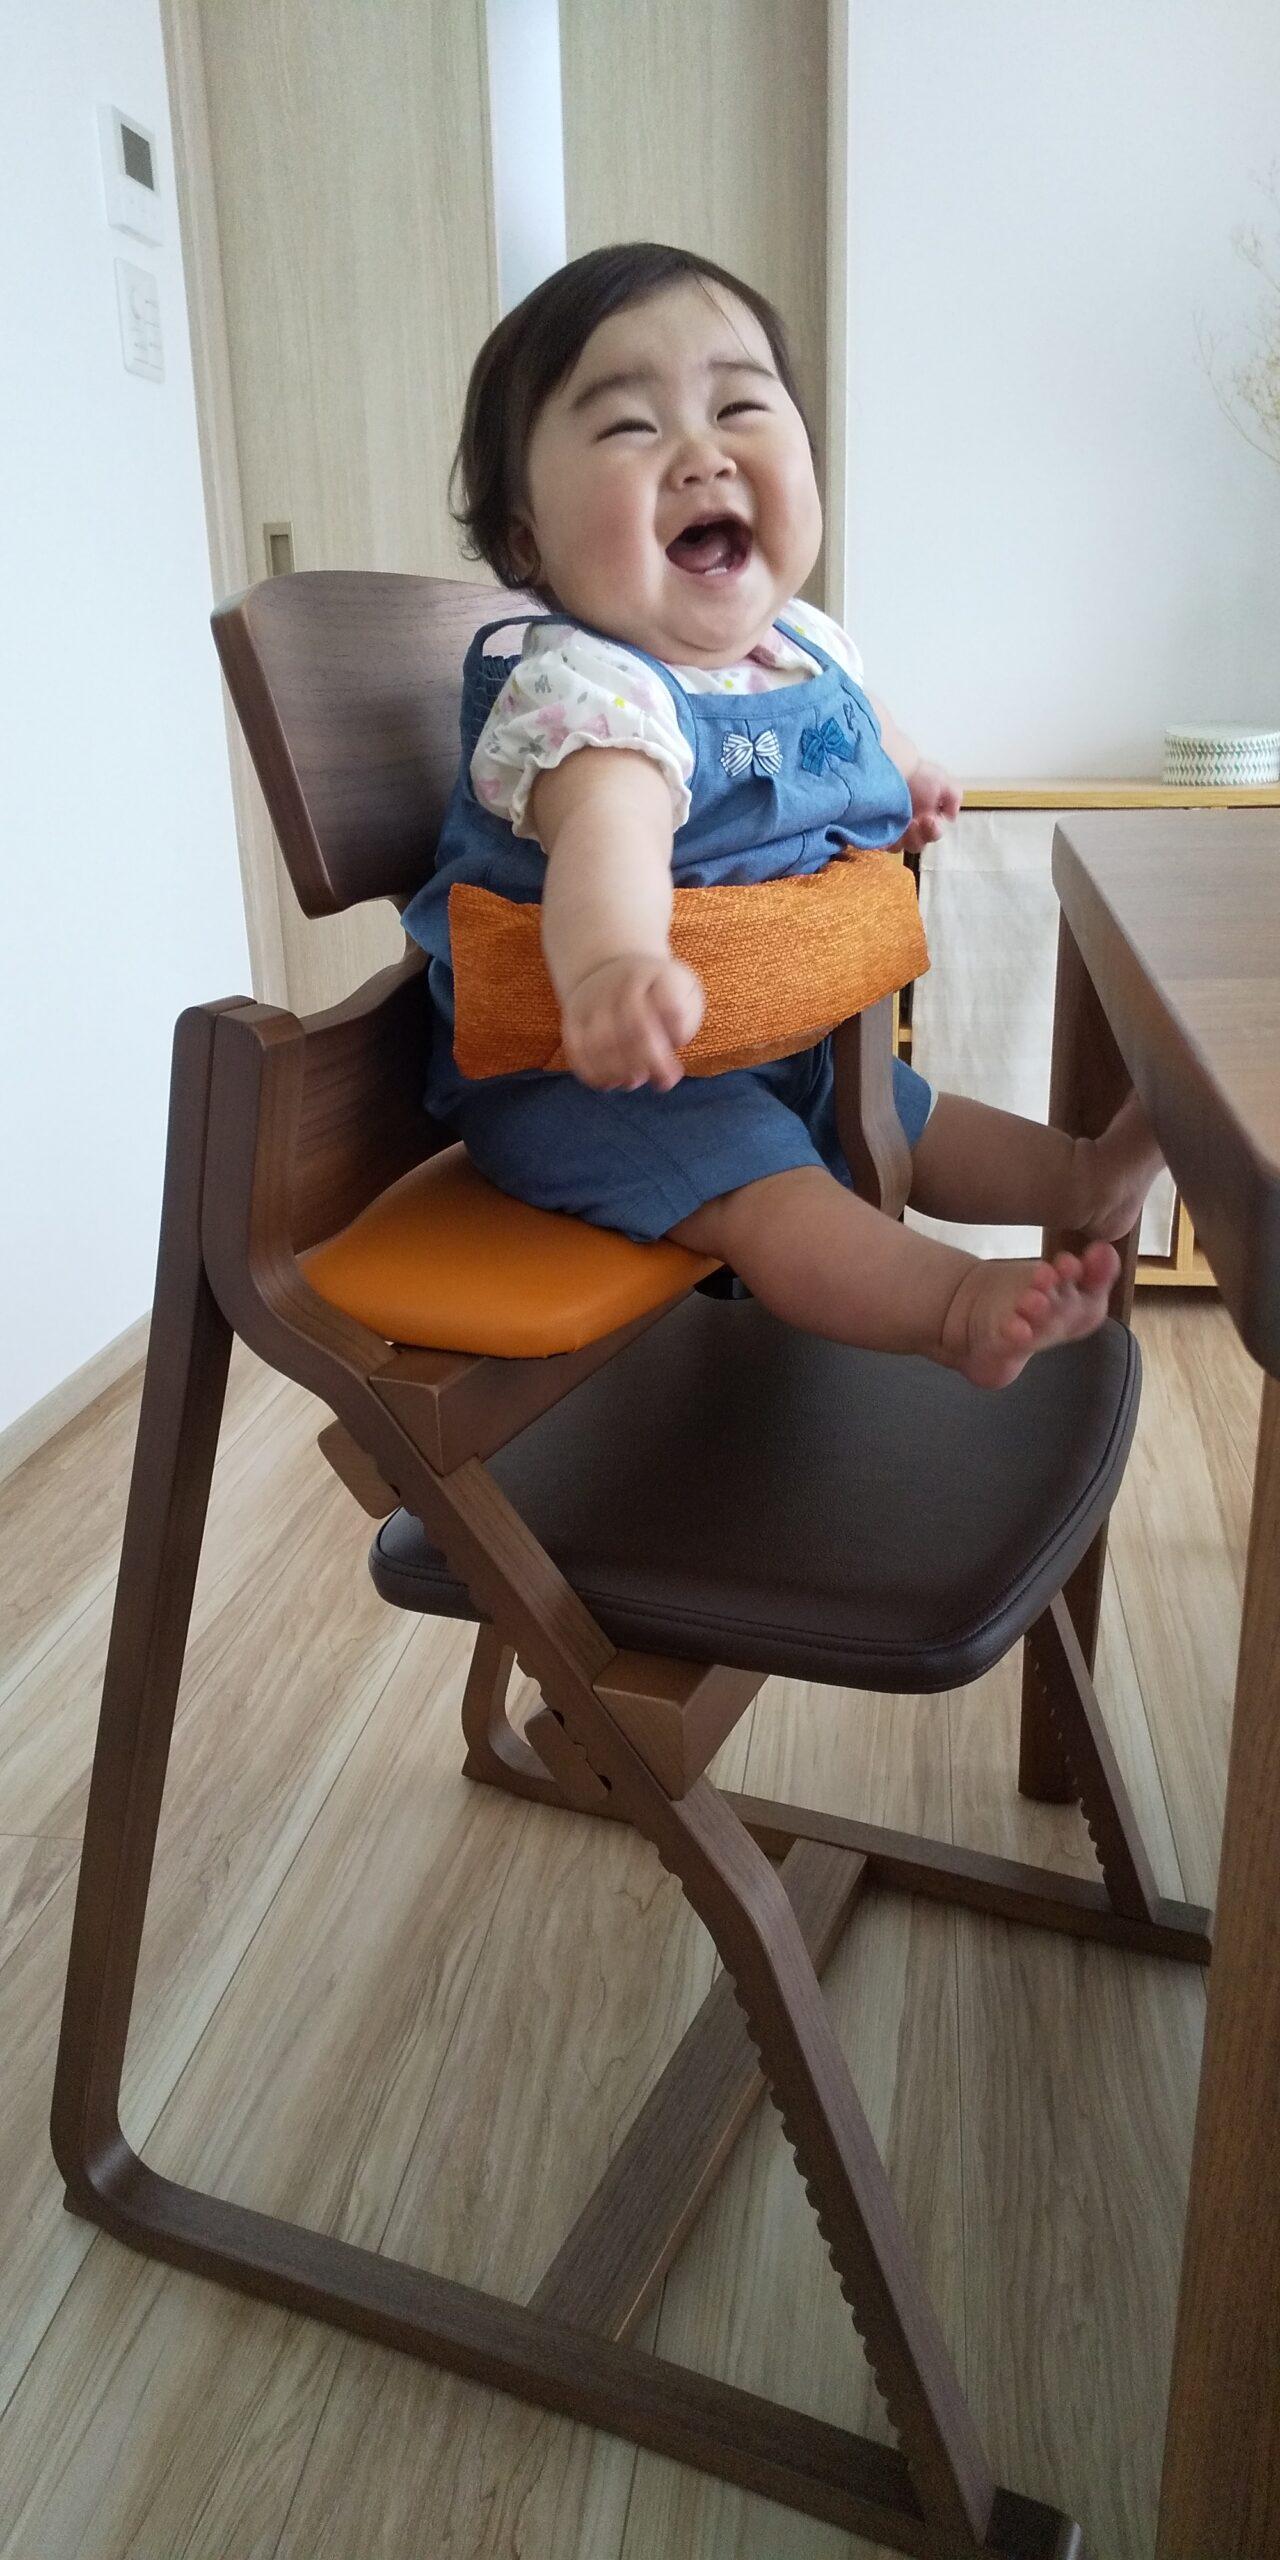 アップライトチェア 「私の一番の椅子」